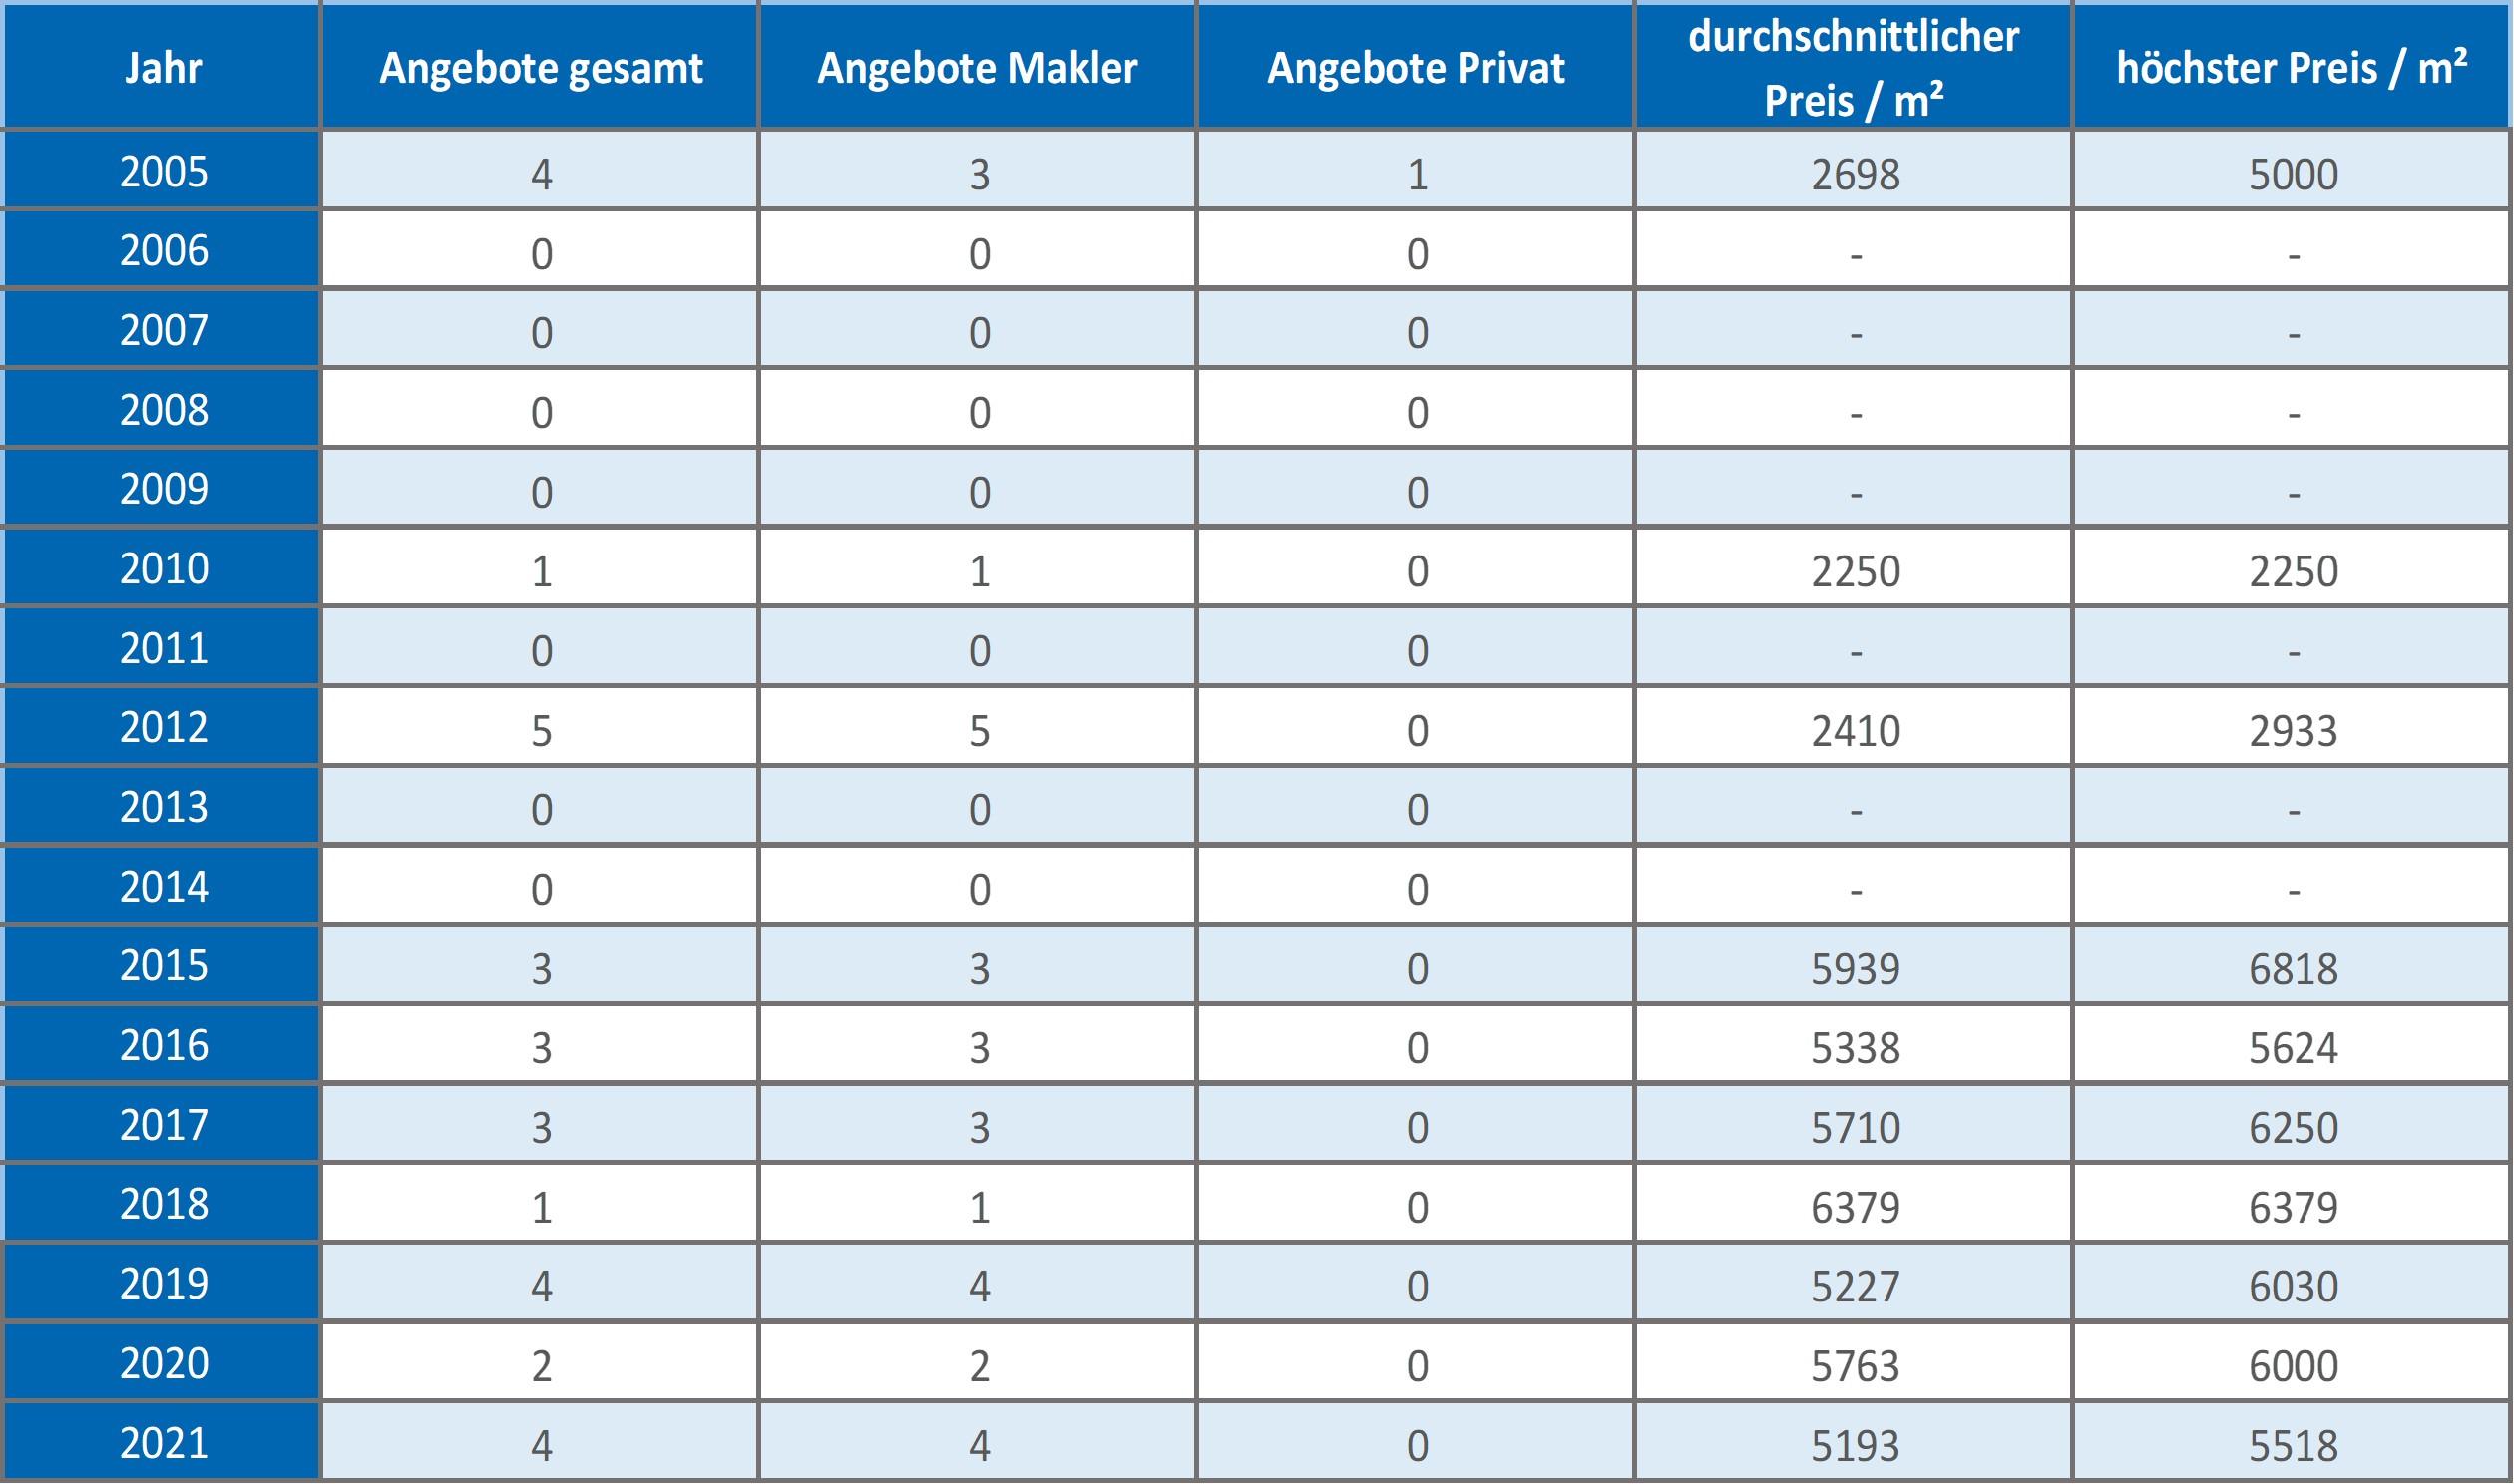 Otterfing-Mehrfamilienhaus-Kaufen-Verkaufen-Makler 2019 2020 2021